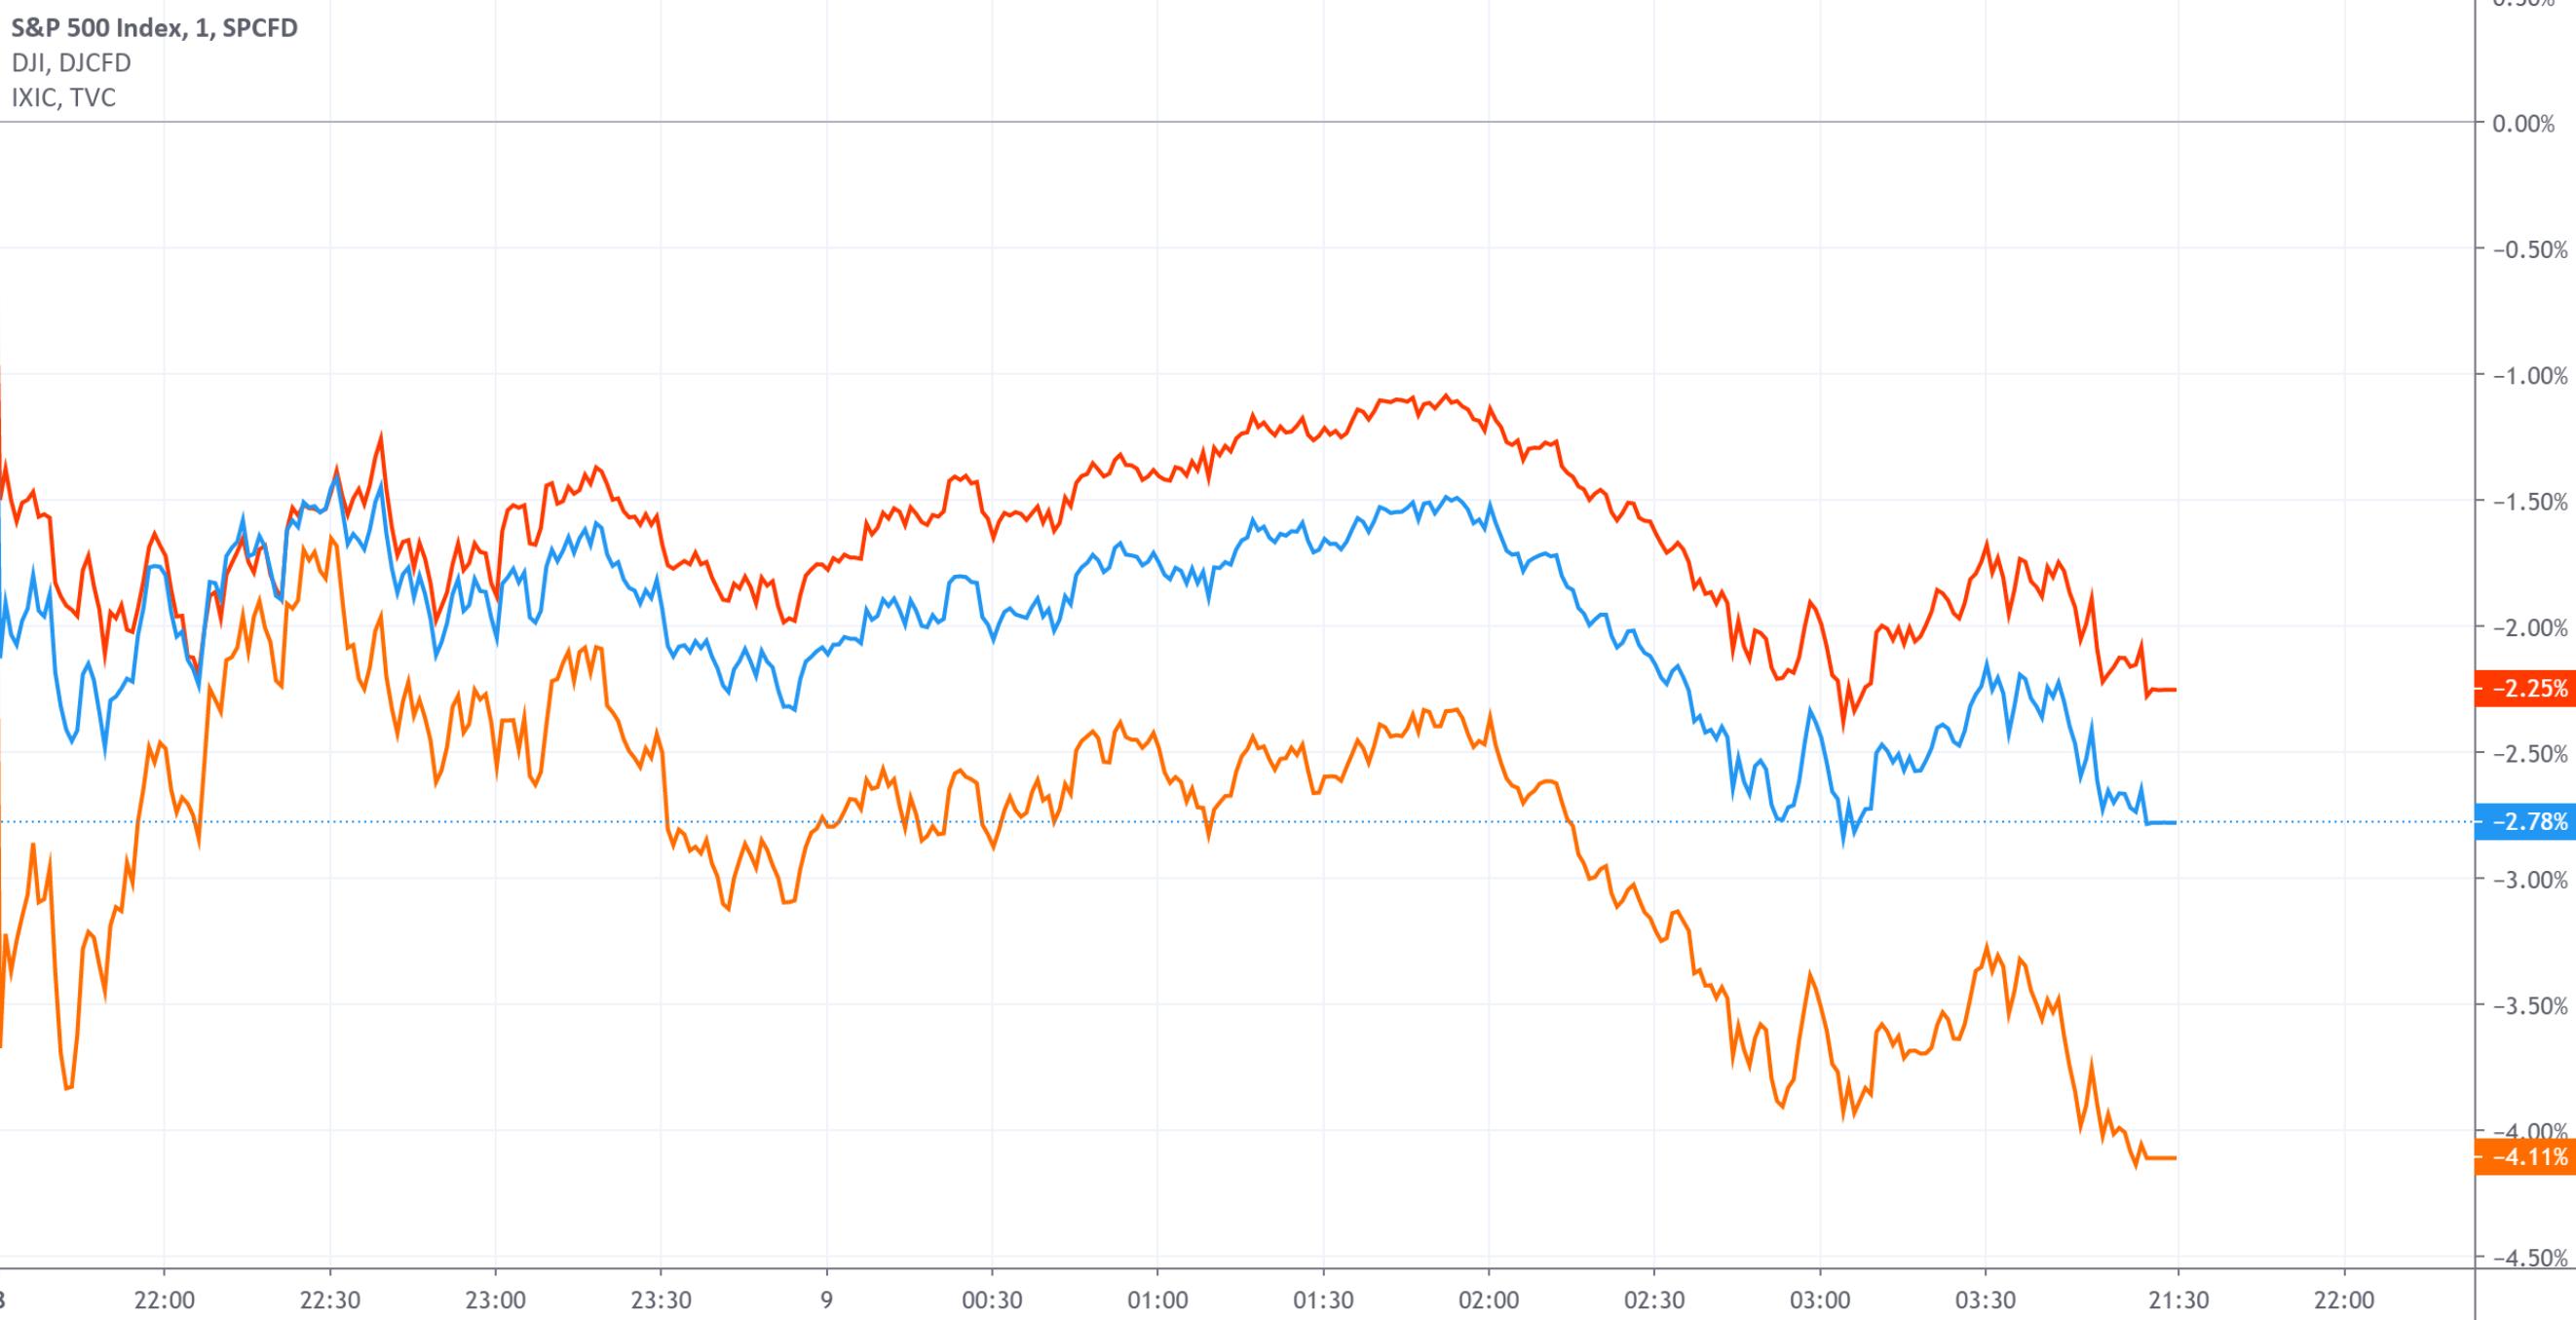 美股跳水:纳指近三日累计跌超10% 特斯拉跌21%